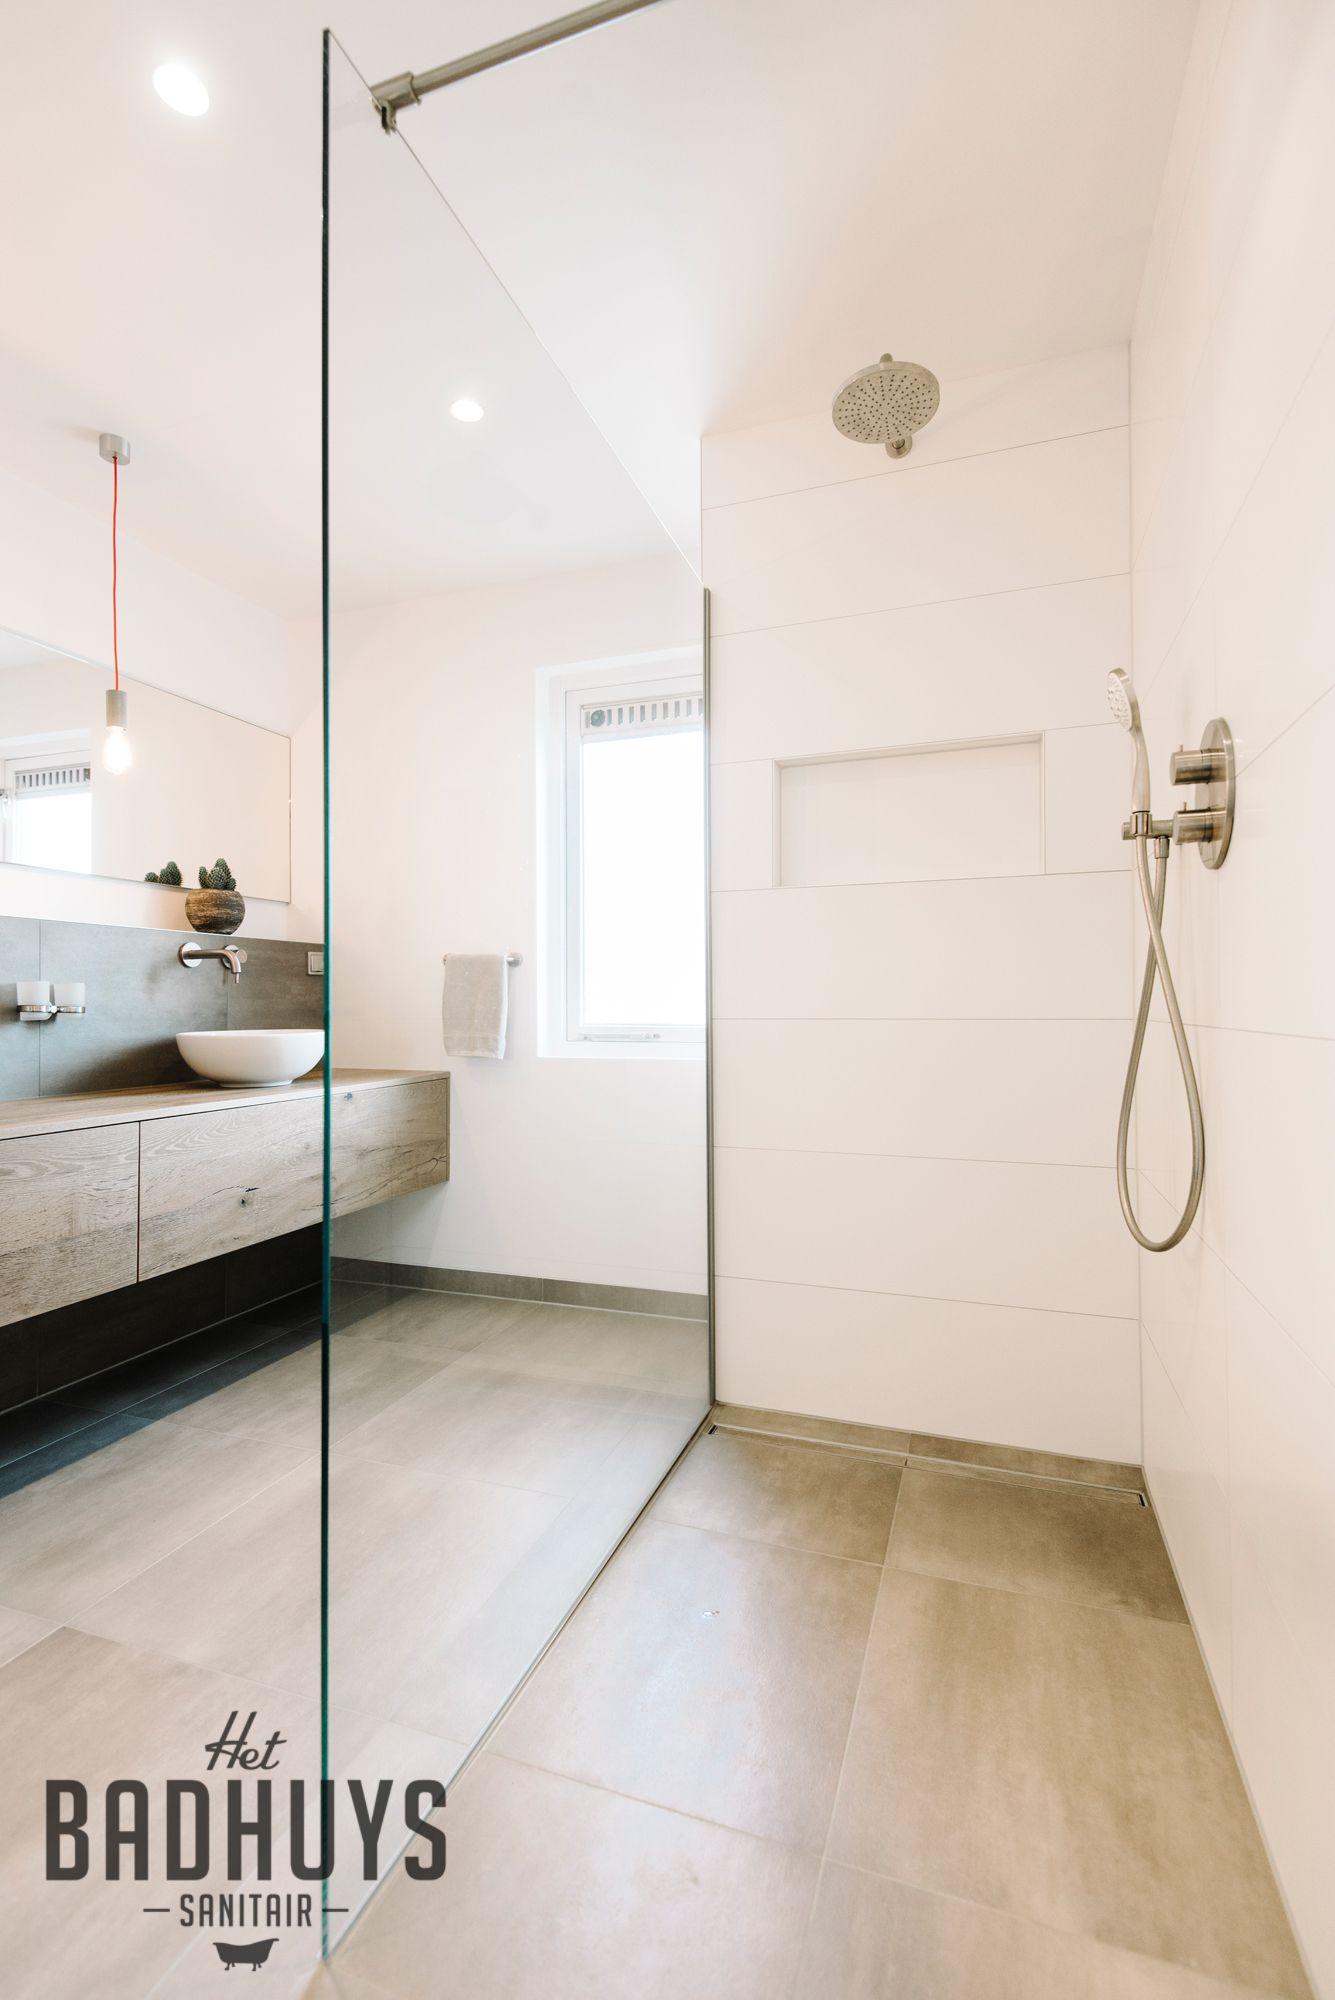 Het Badhuys Breda - Badkamer | Pinterest - Badkamer, Badkamers en ...